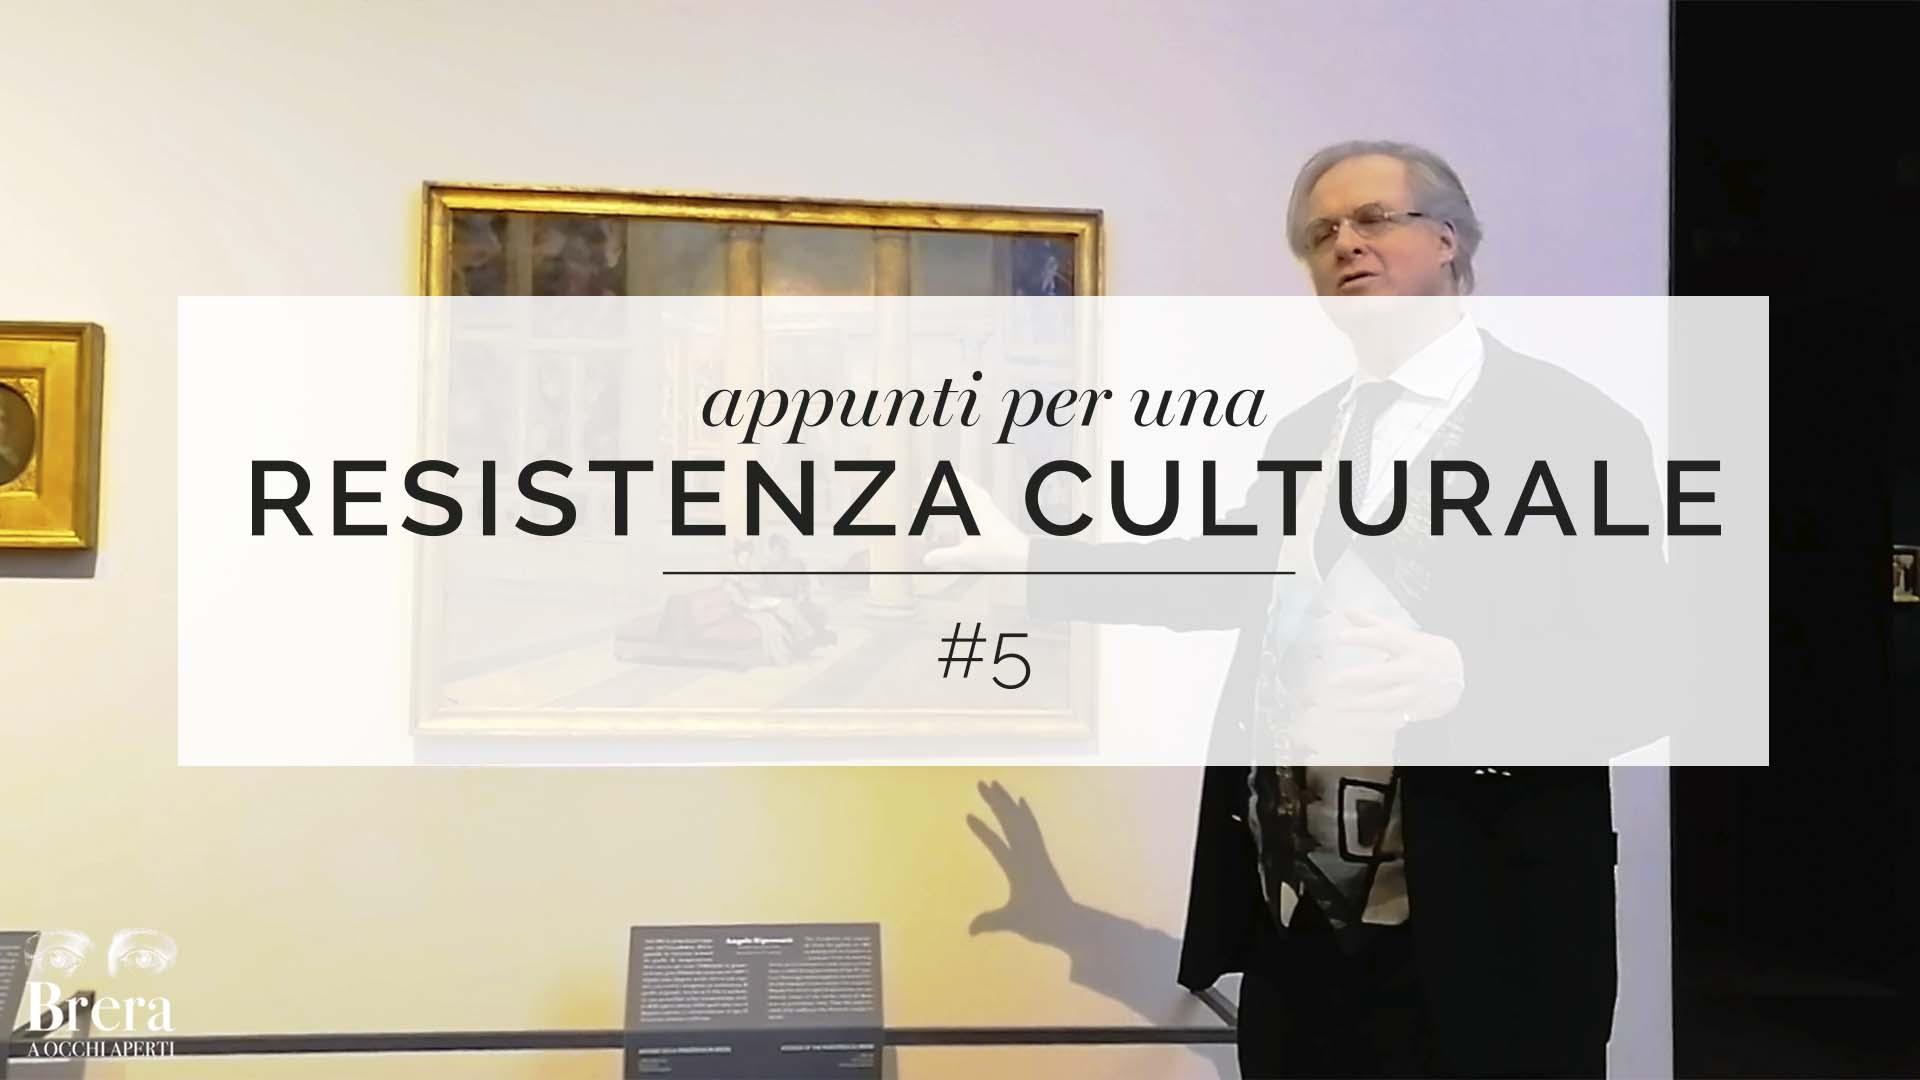 Appunti per una resistenza culturale #5